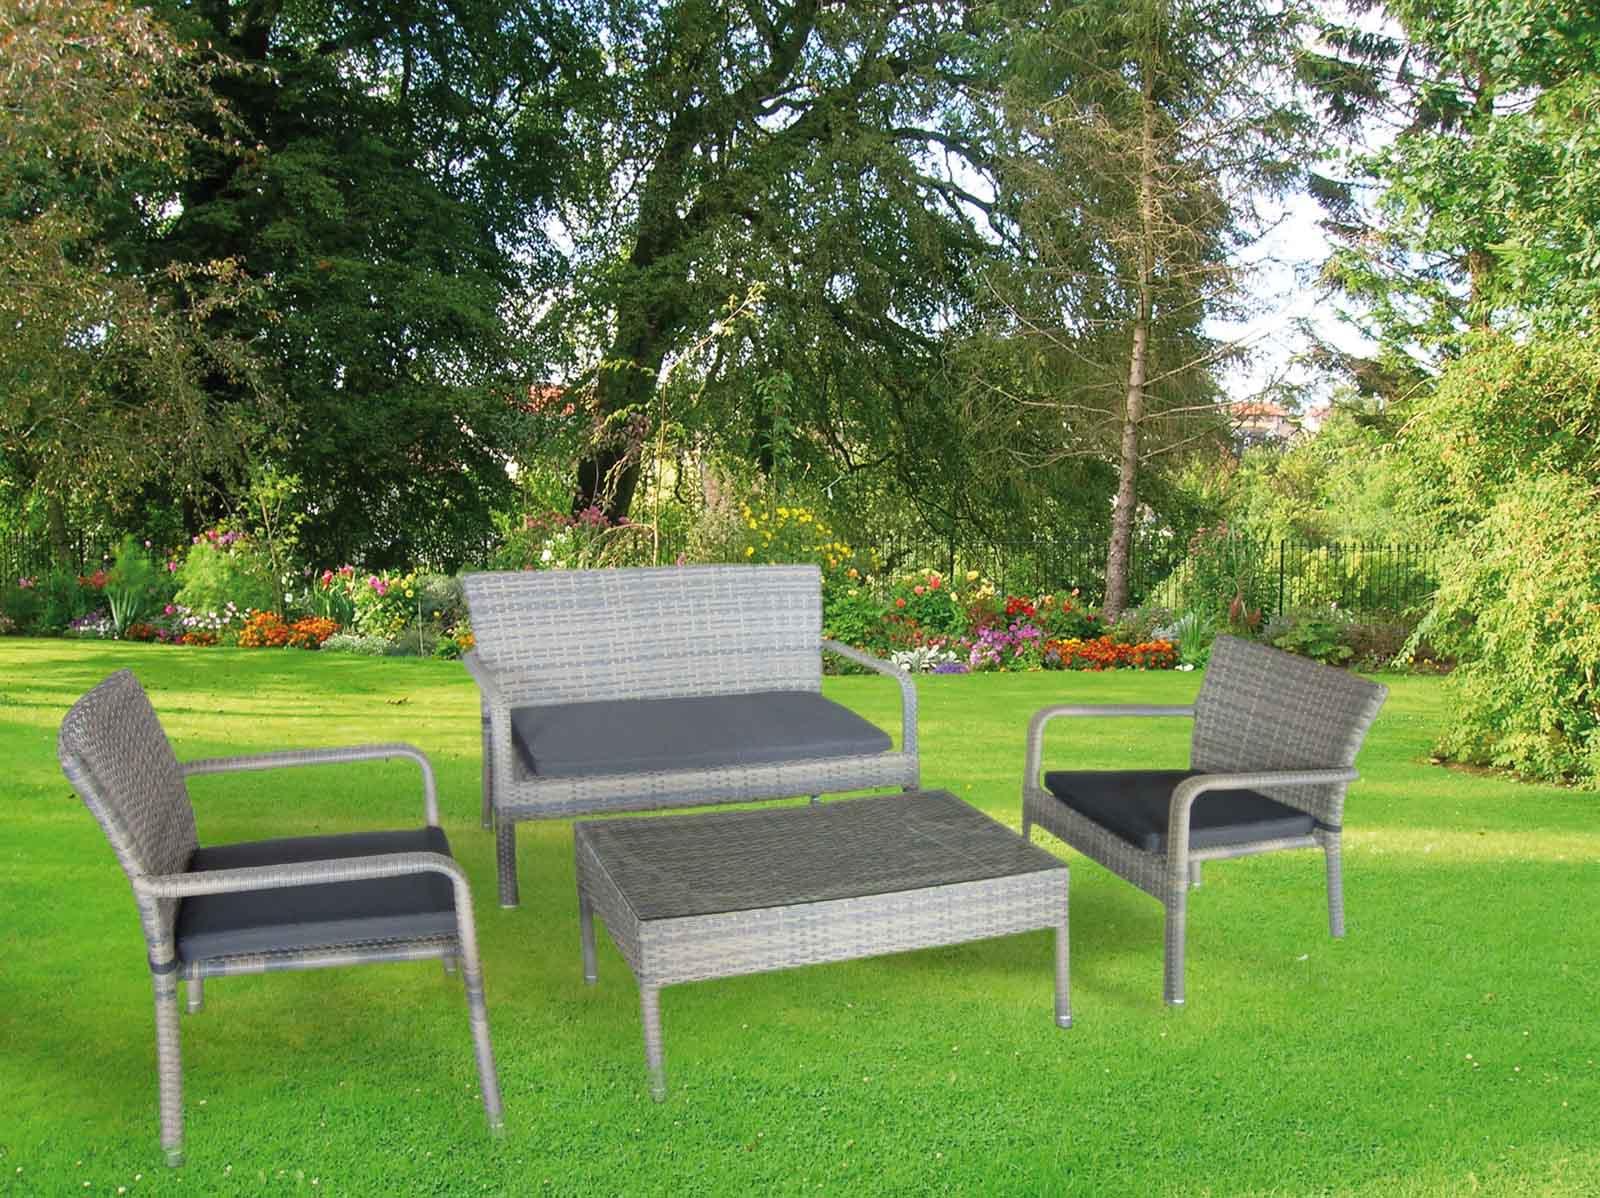 Salotti da giardino economici divani da giardino design for Divanetti giardino economici